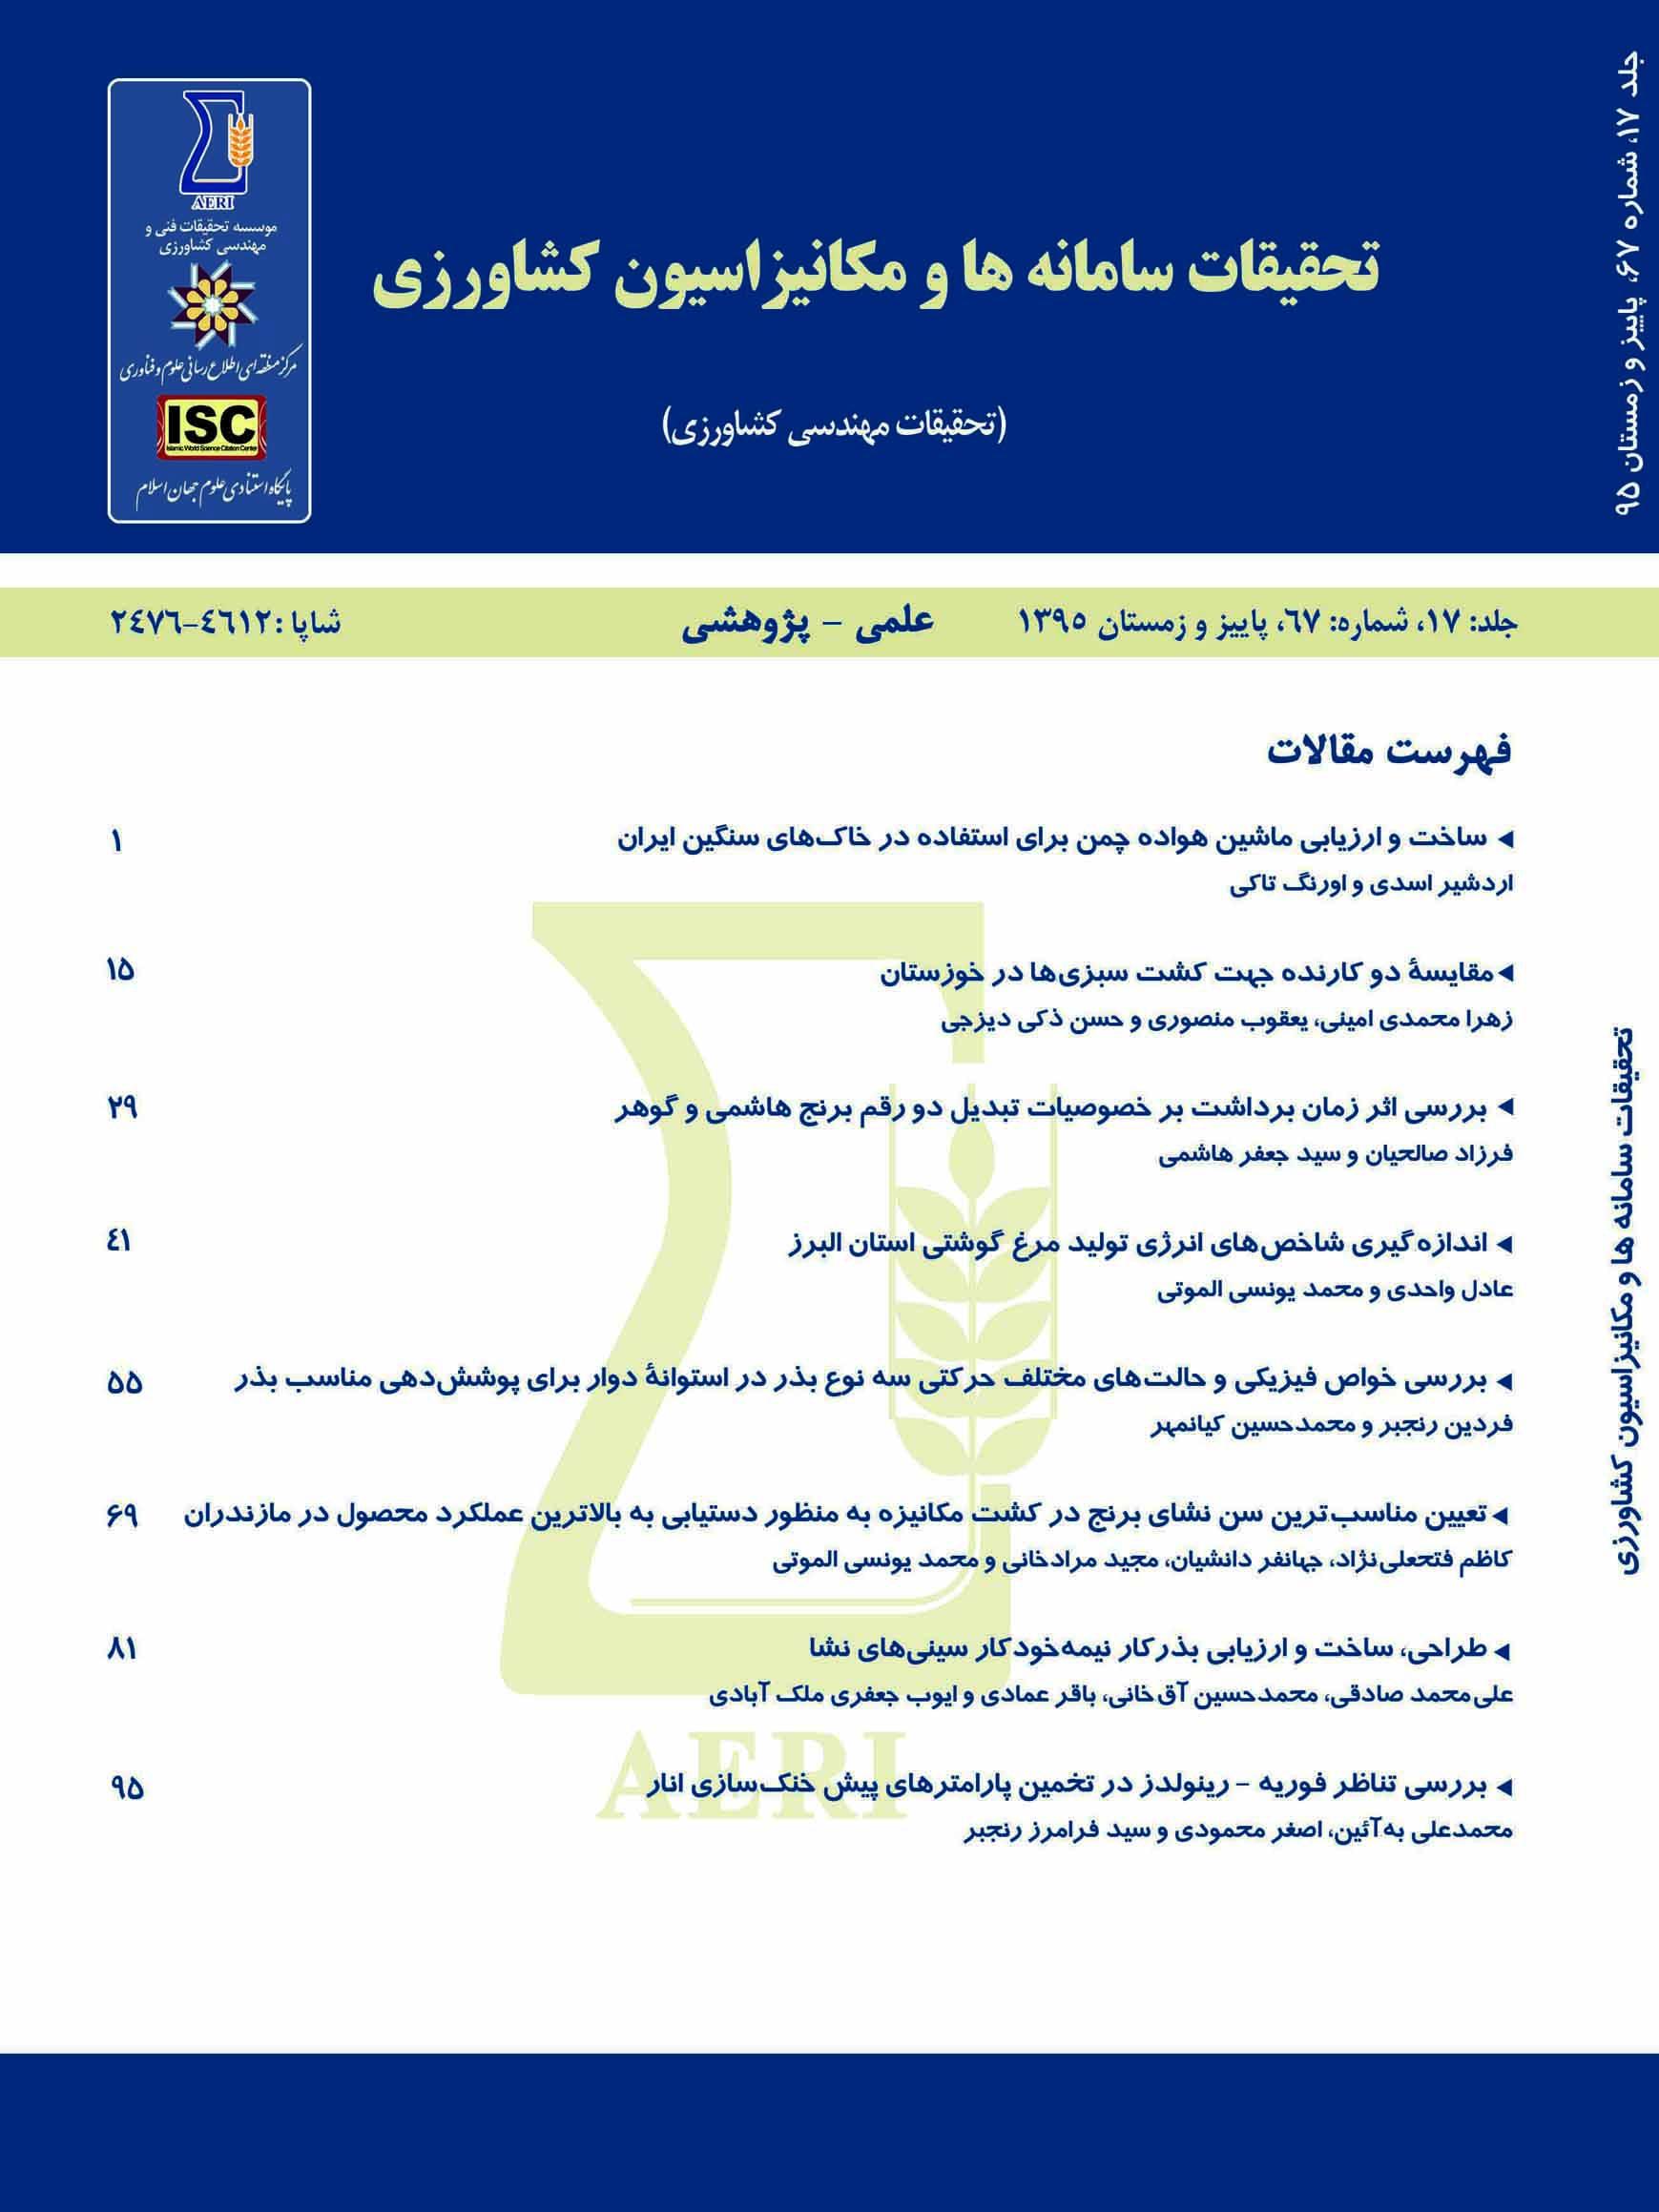 مجله تحقیقات مهندسی سامانهها و مکانیزاسیون کشاورزی